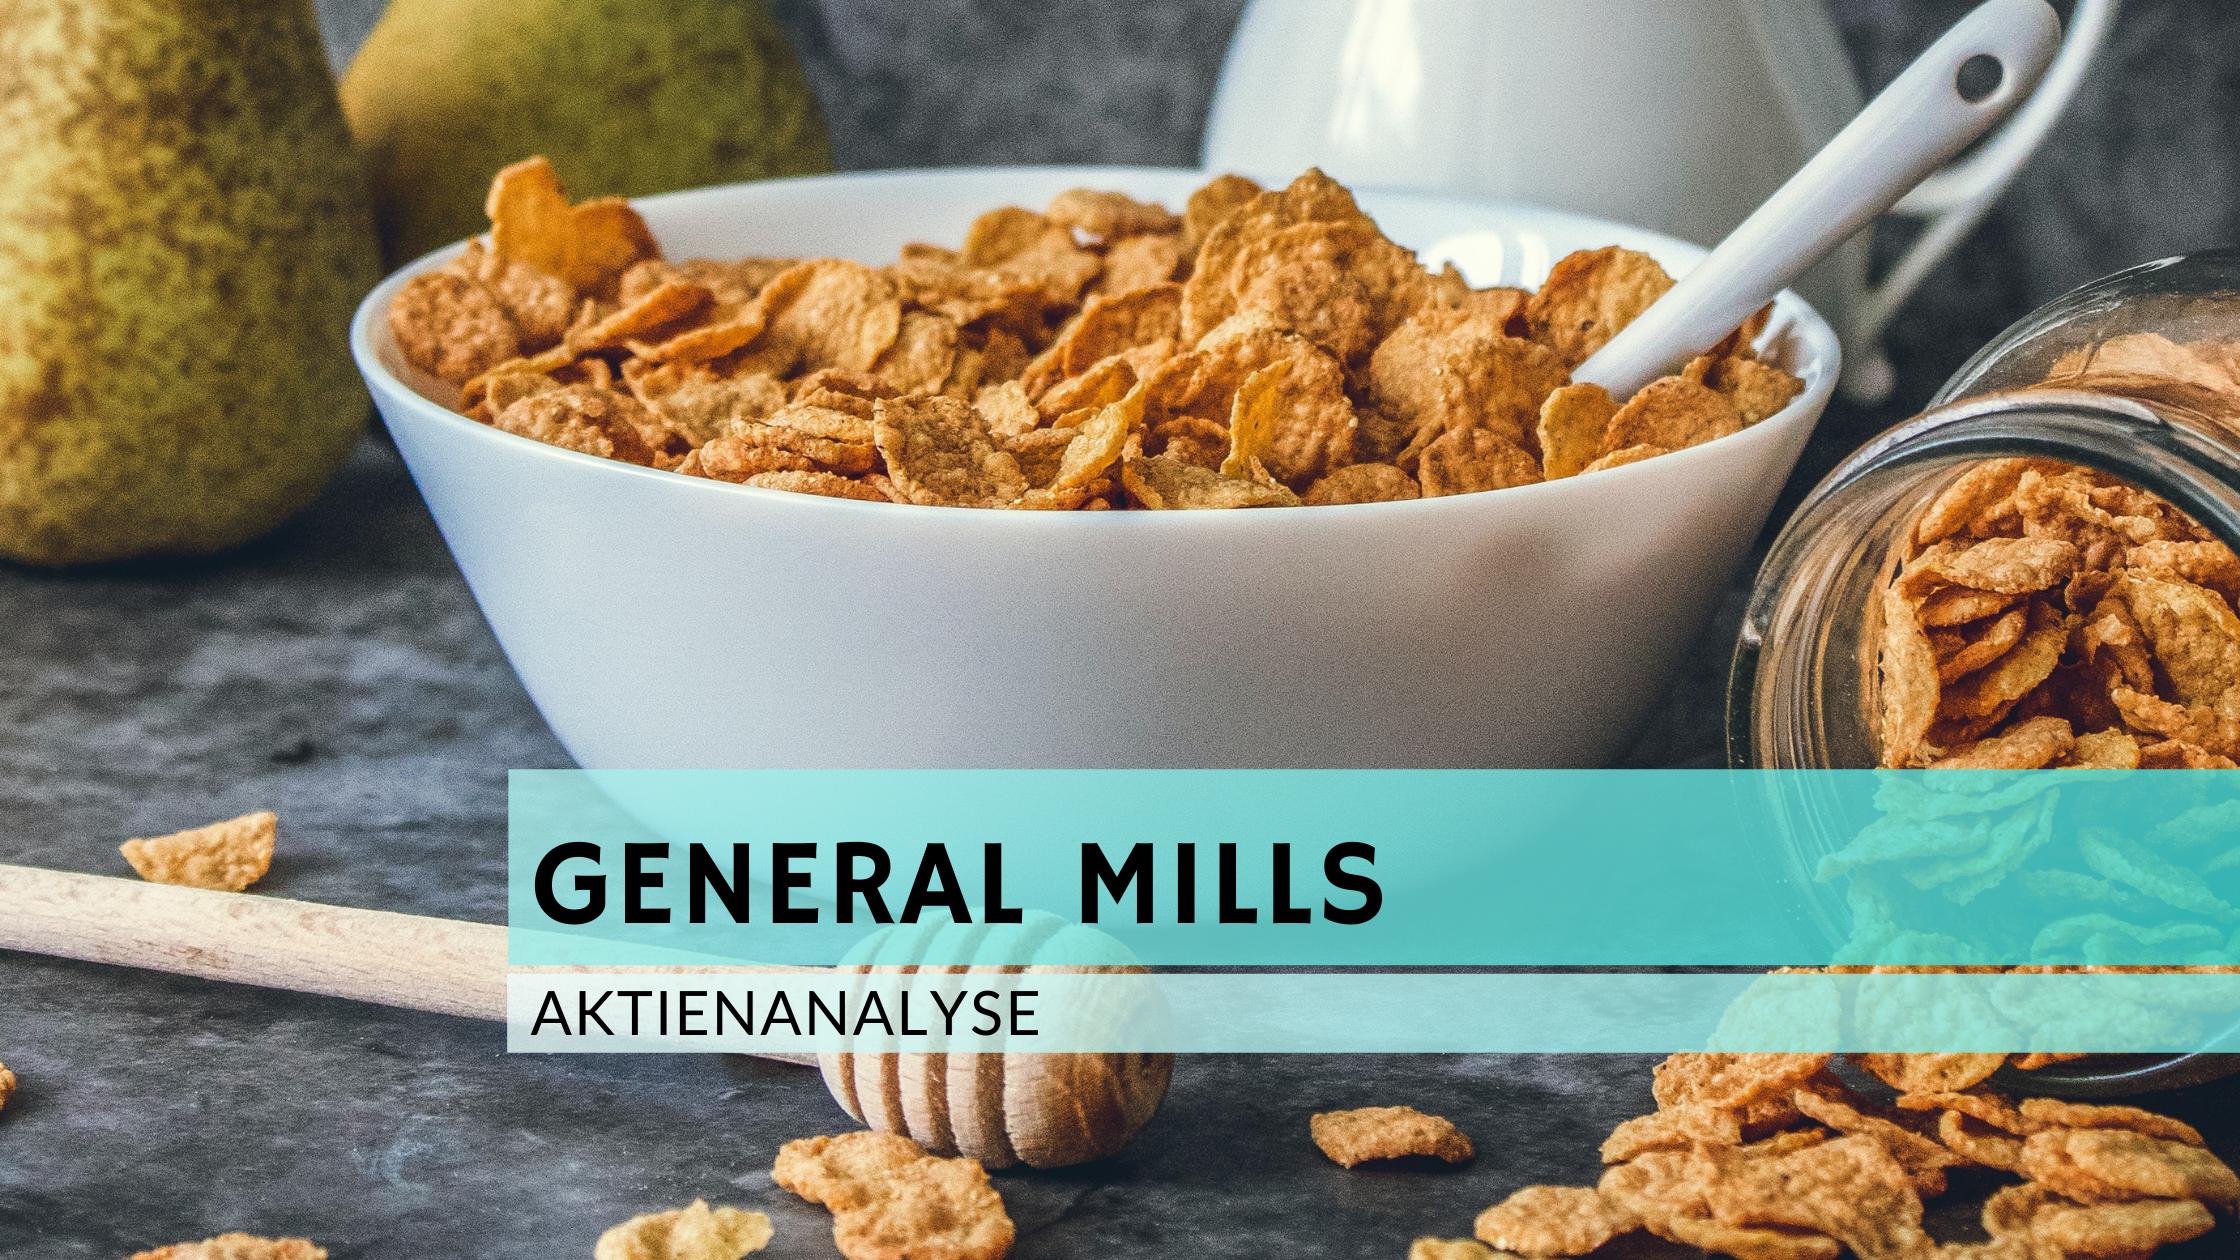 General Mills Aktienanalyse